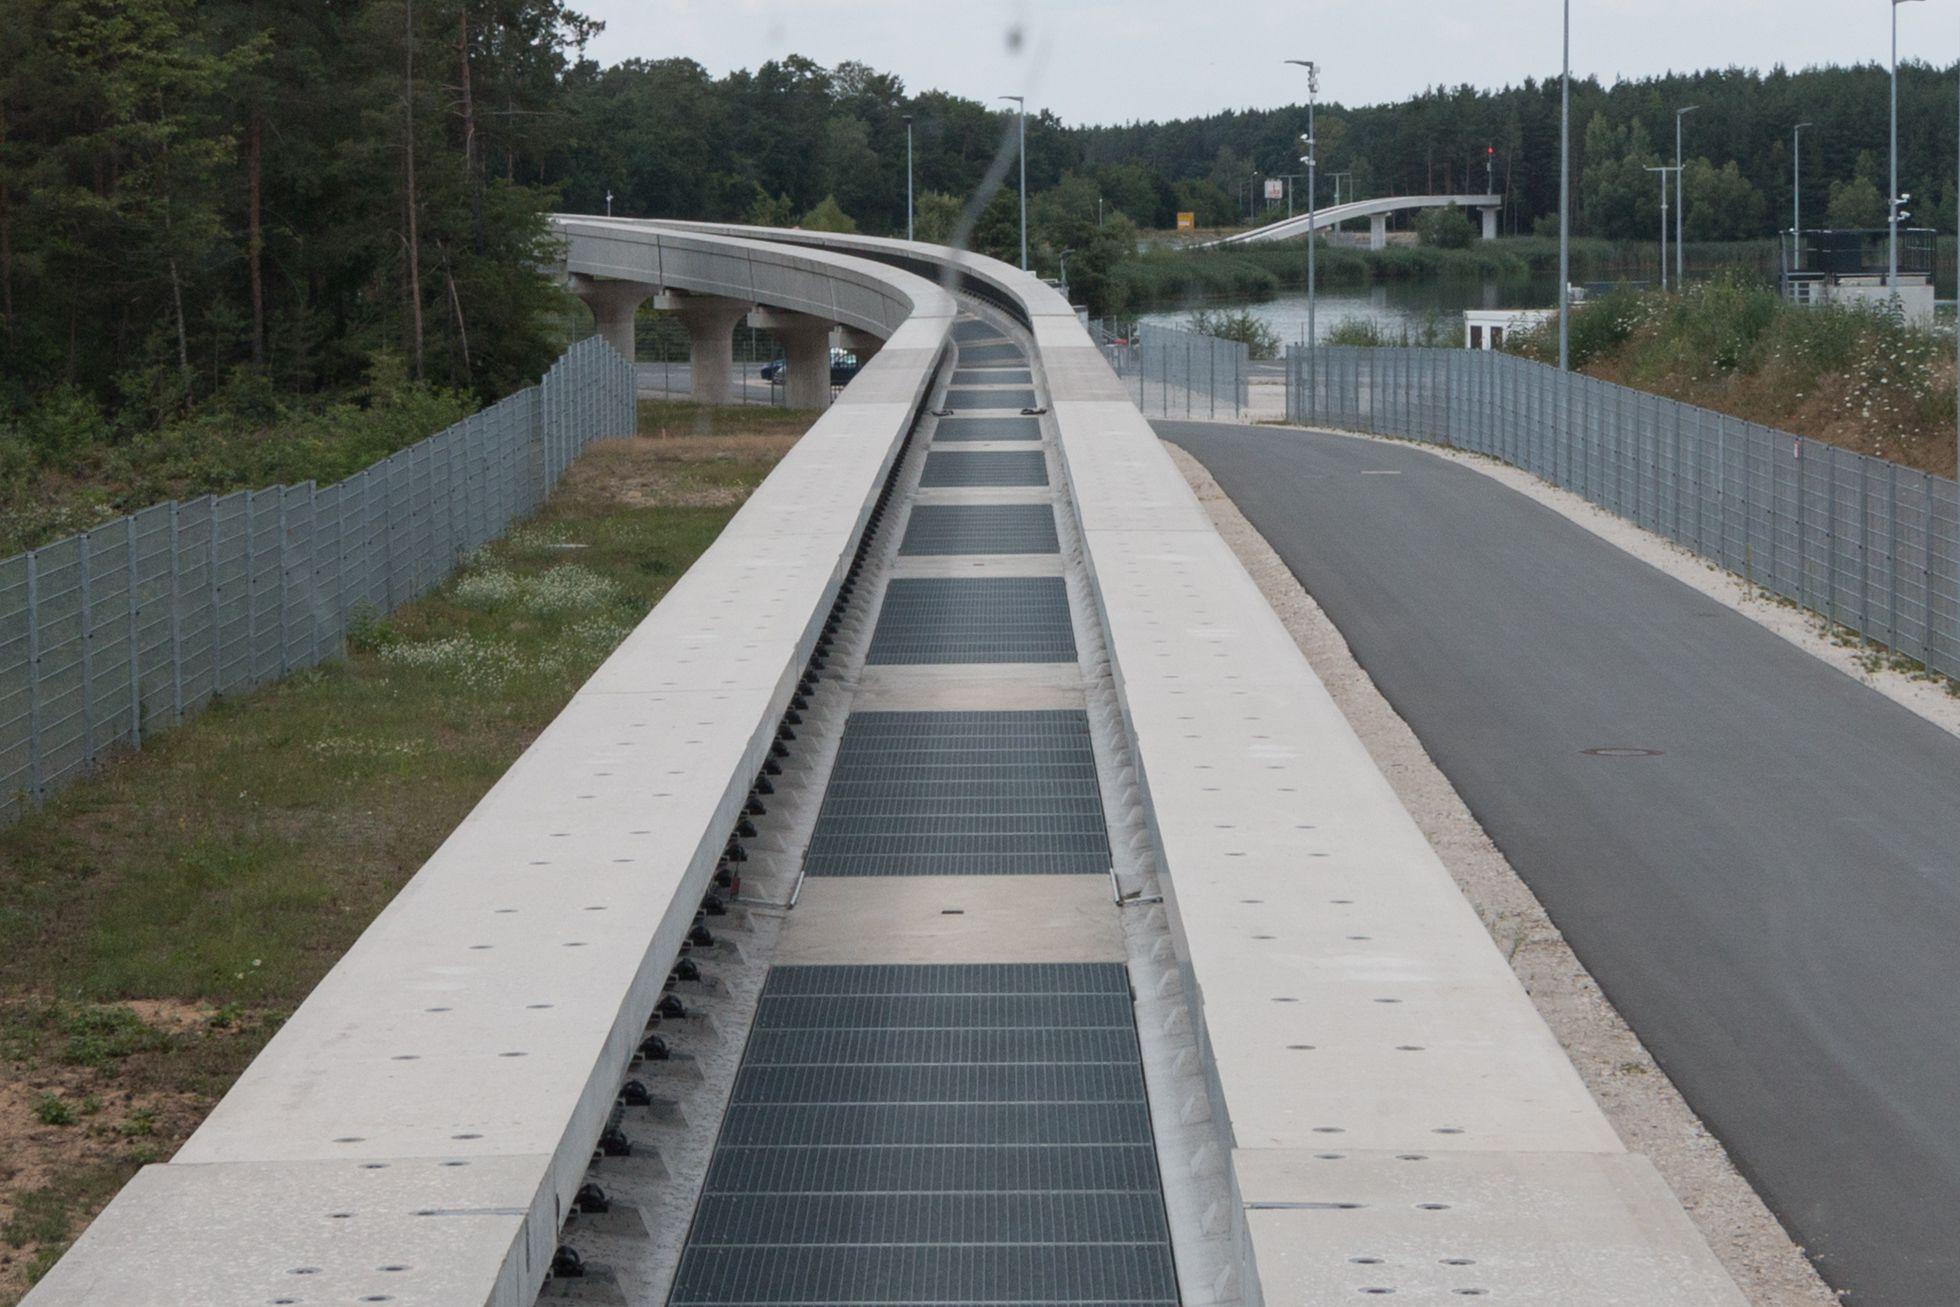 Transport System Bögl: Bundesregierung testet Magnetschwebebahn - Das System unterscheidet sich stark vom Transrapid. So umfasst die Trasse das Fahrzeug, nicht umgekehrt. (Bild: Werner Pluta/Golem.de)